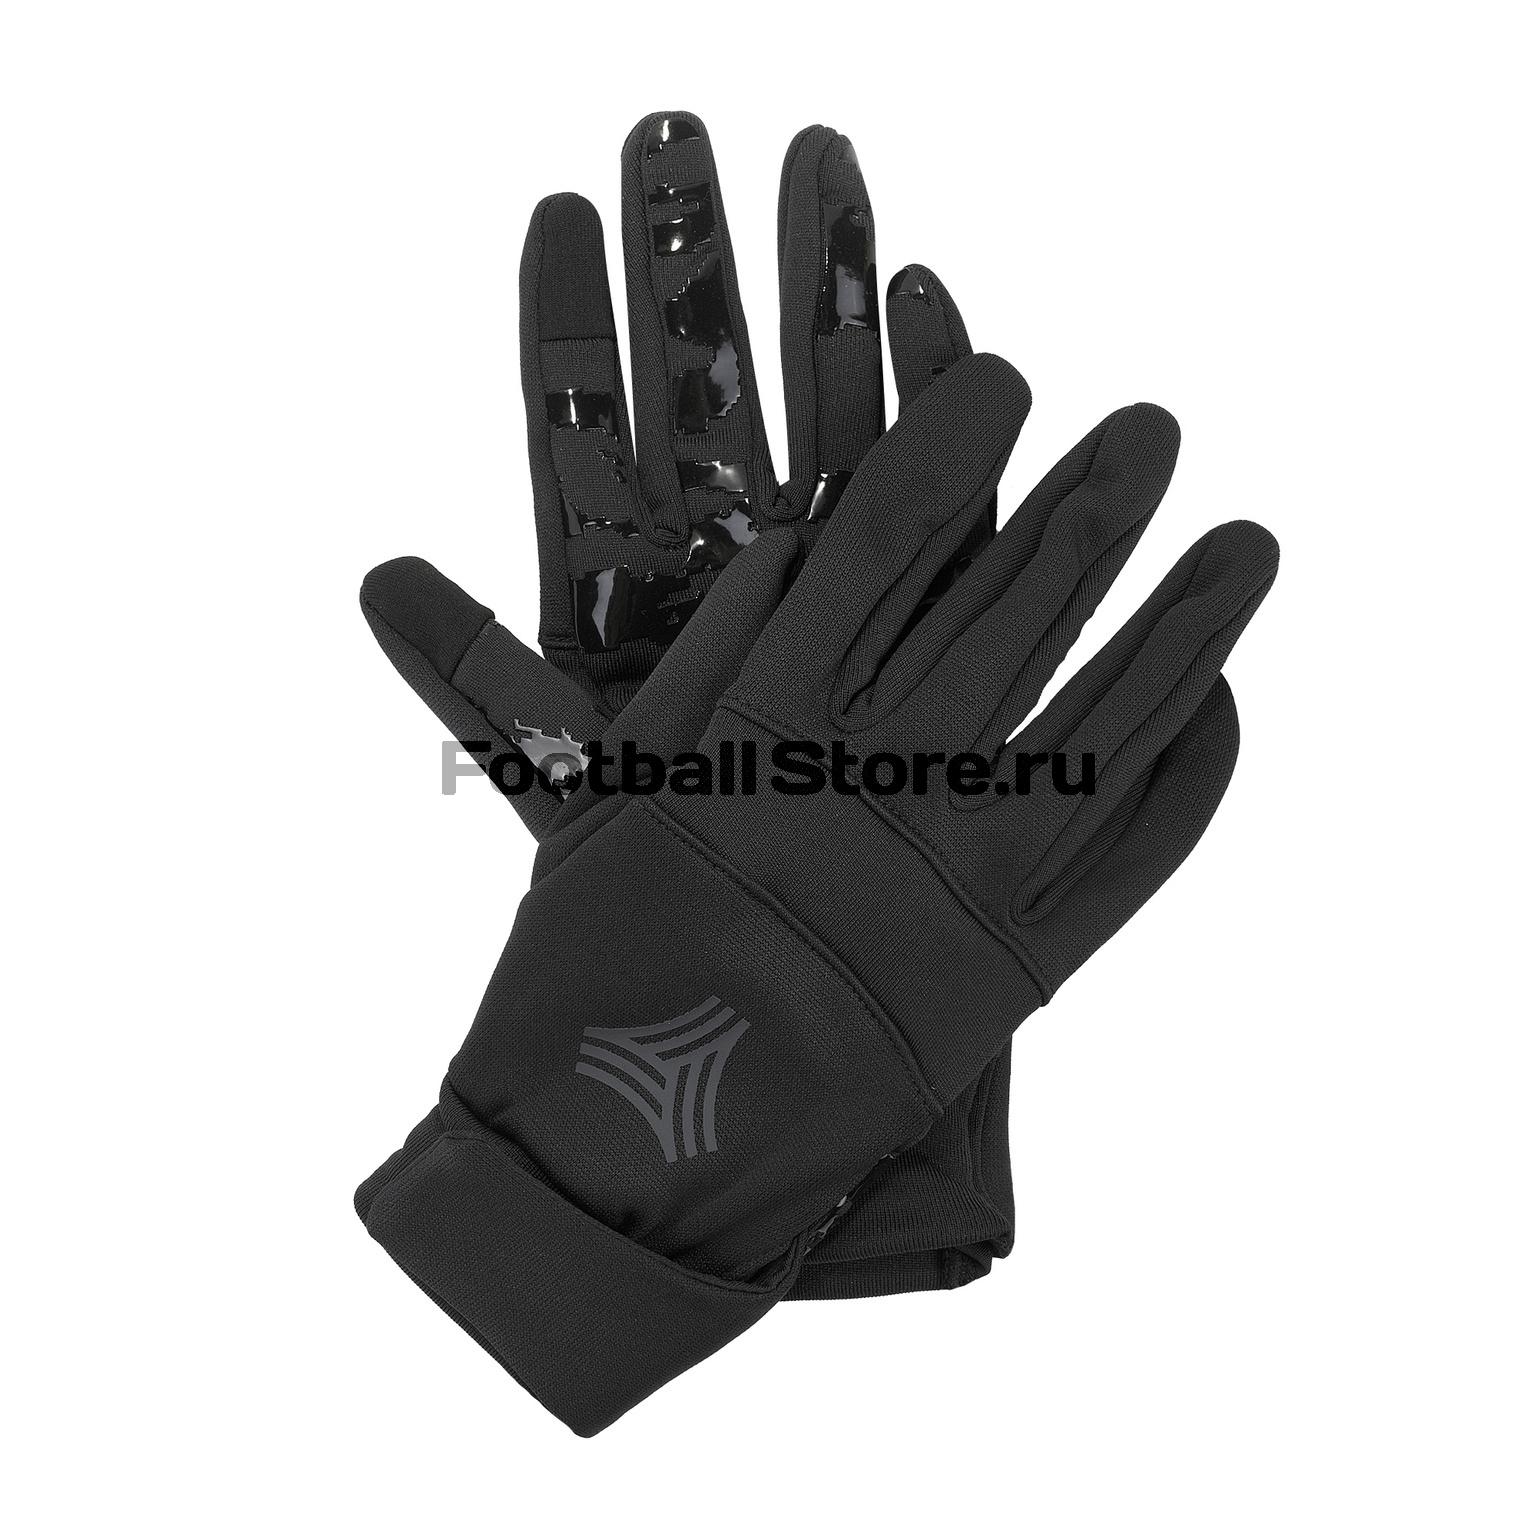 Перчатки тренировочные Adidas FS Gloves DY1985 внутренние перчатки adidas inner gloves черно синие adibp022